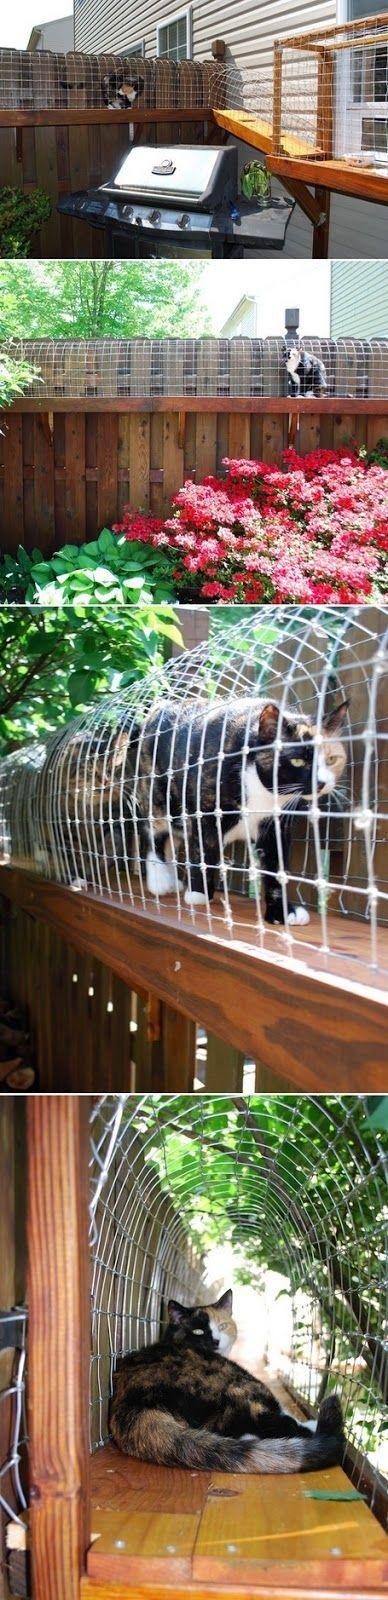 How to Build a Cat Enclosure